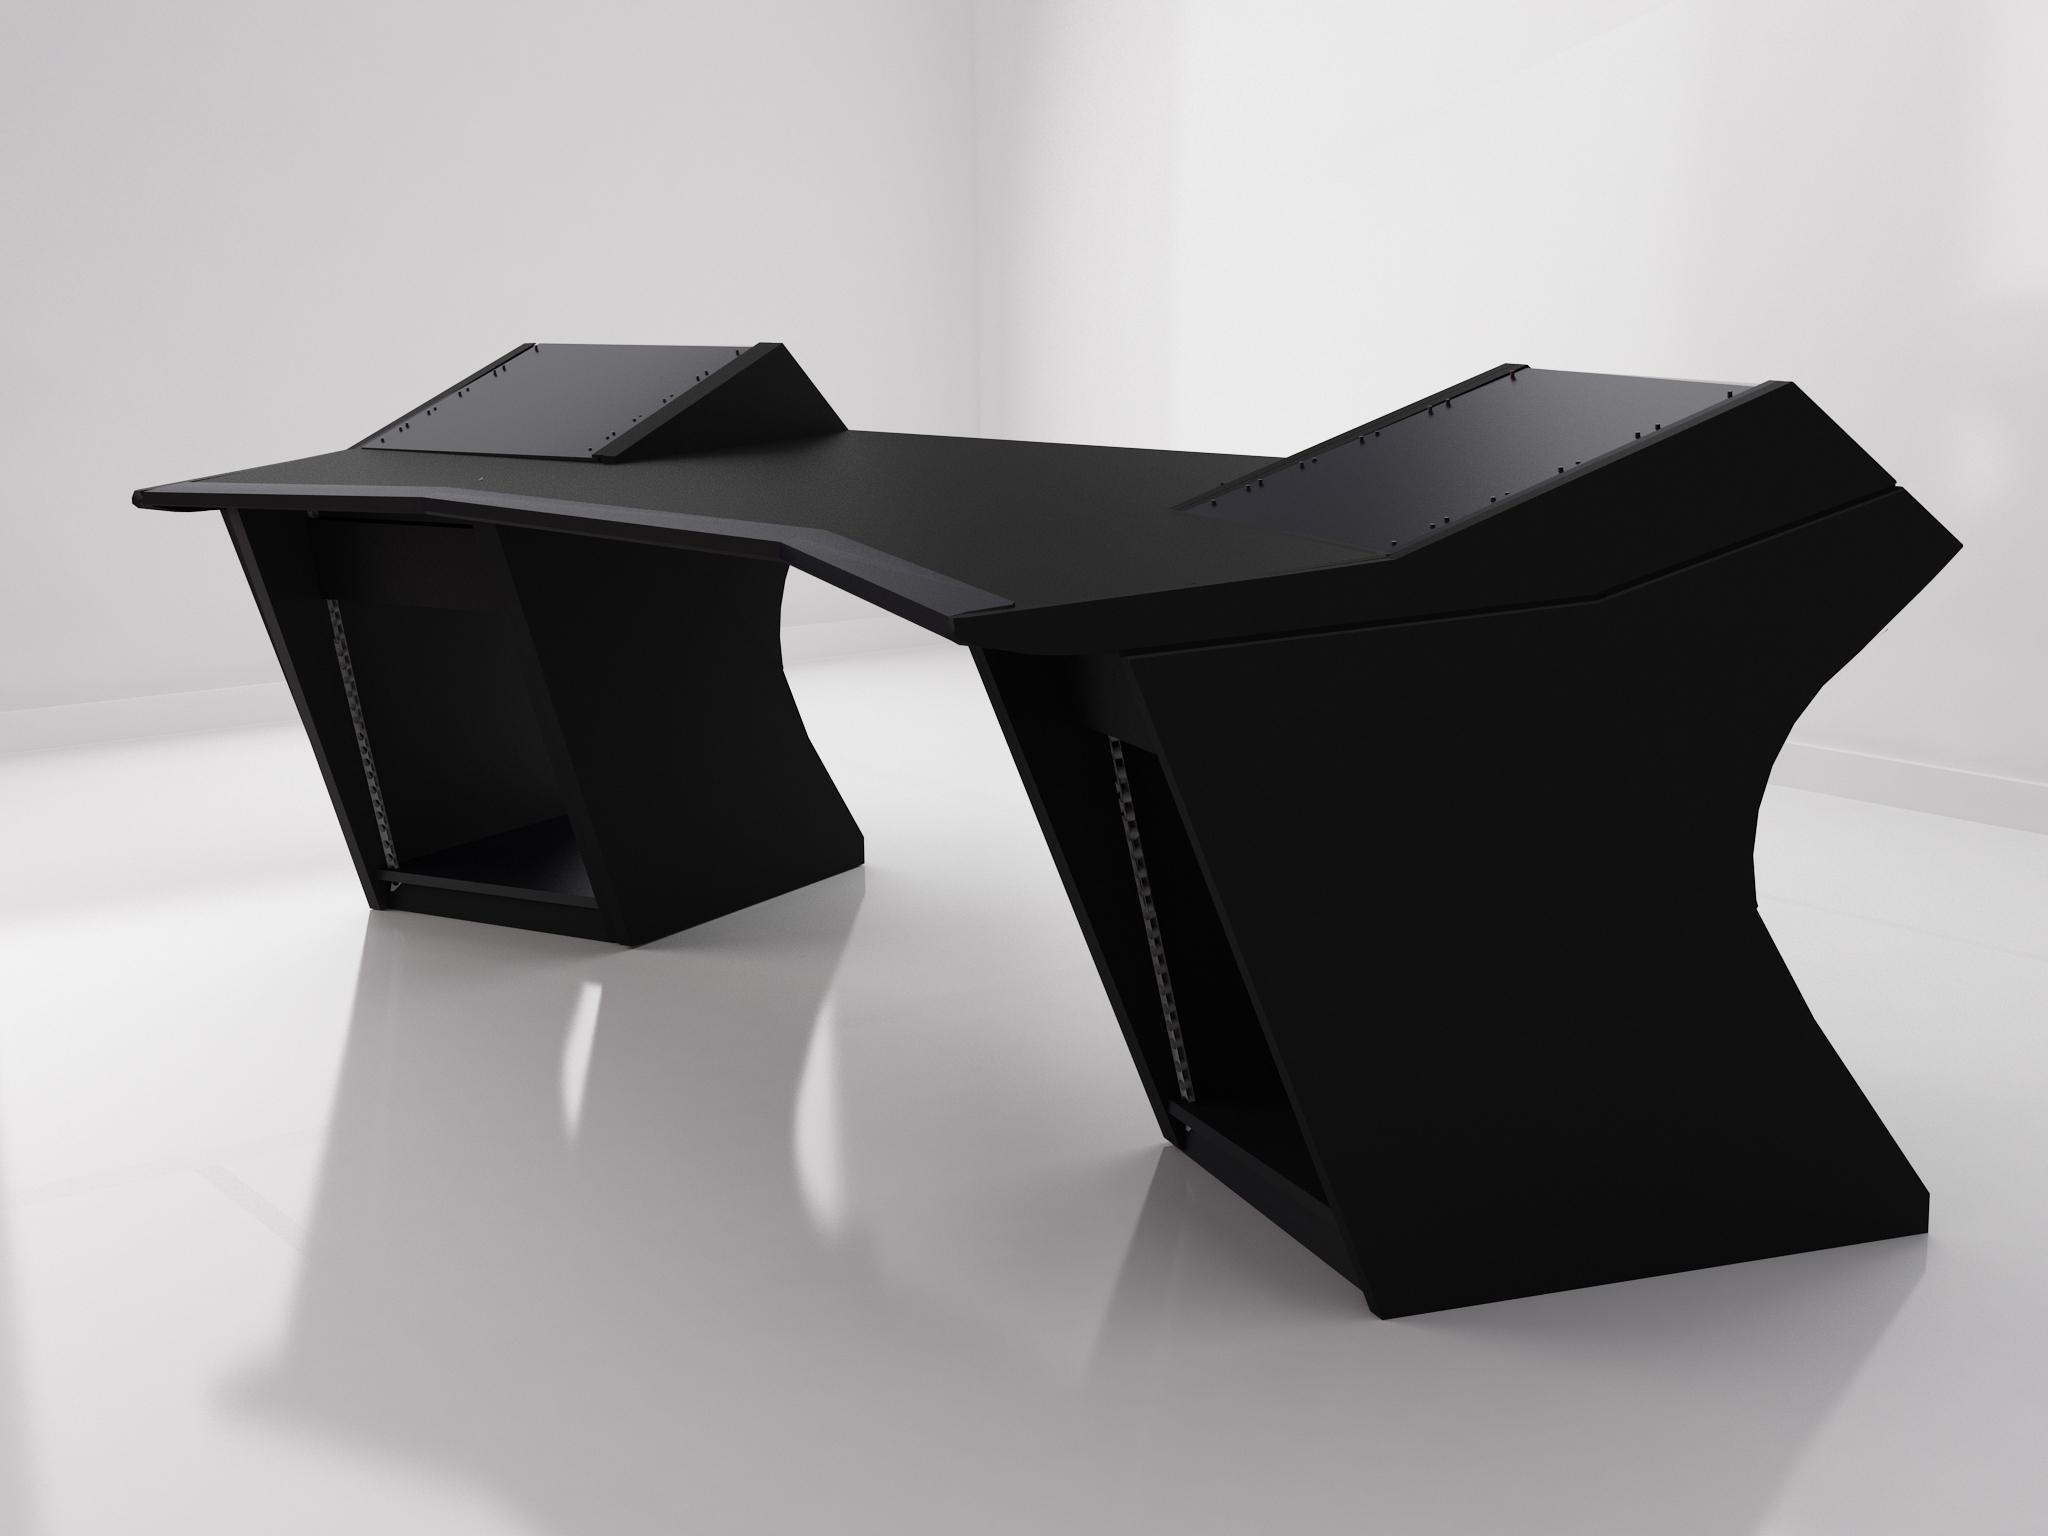 product 02. Black Bedroom Furniture Sets. Home Design Ideas